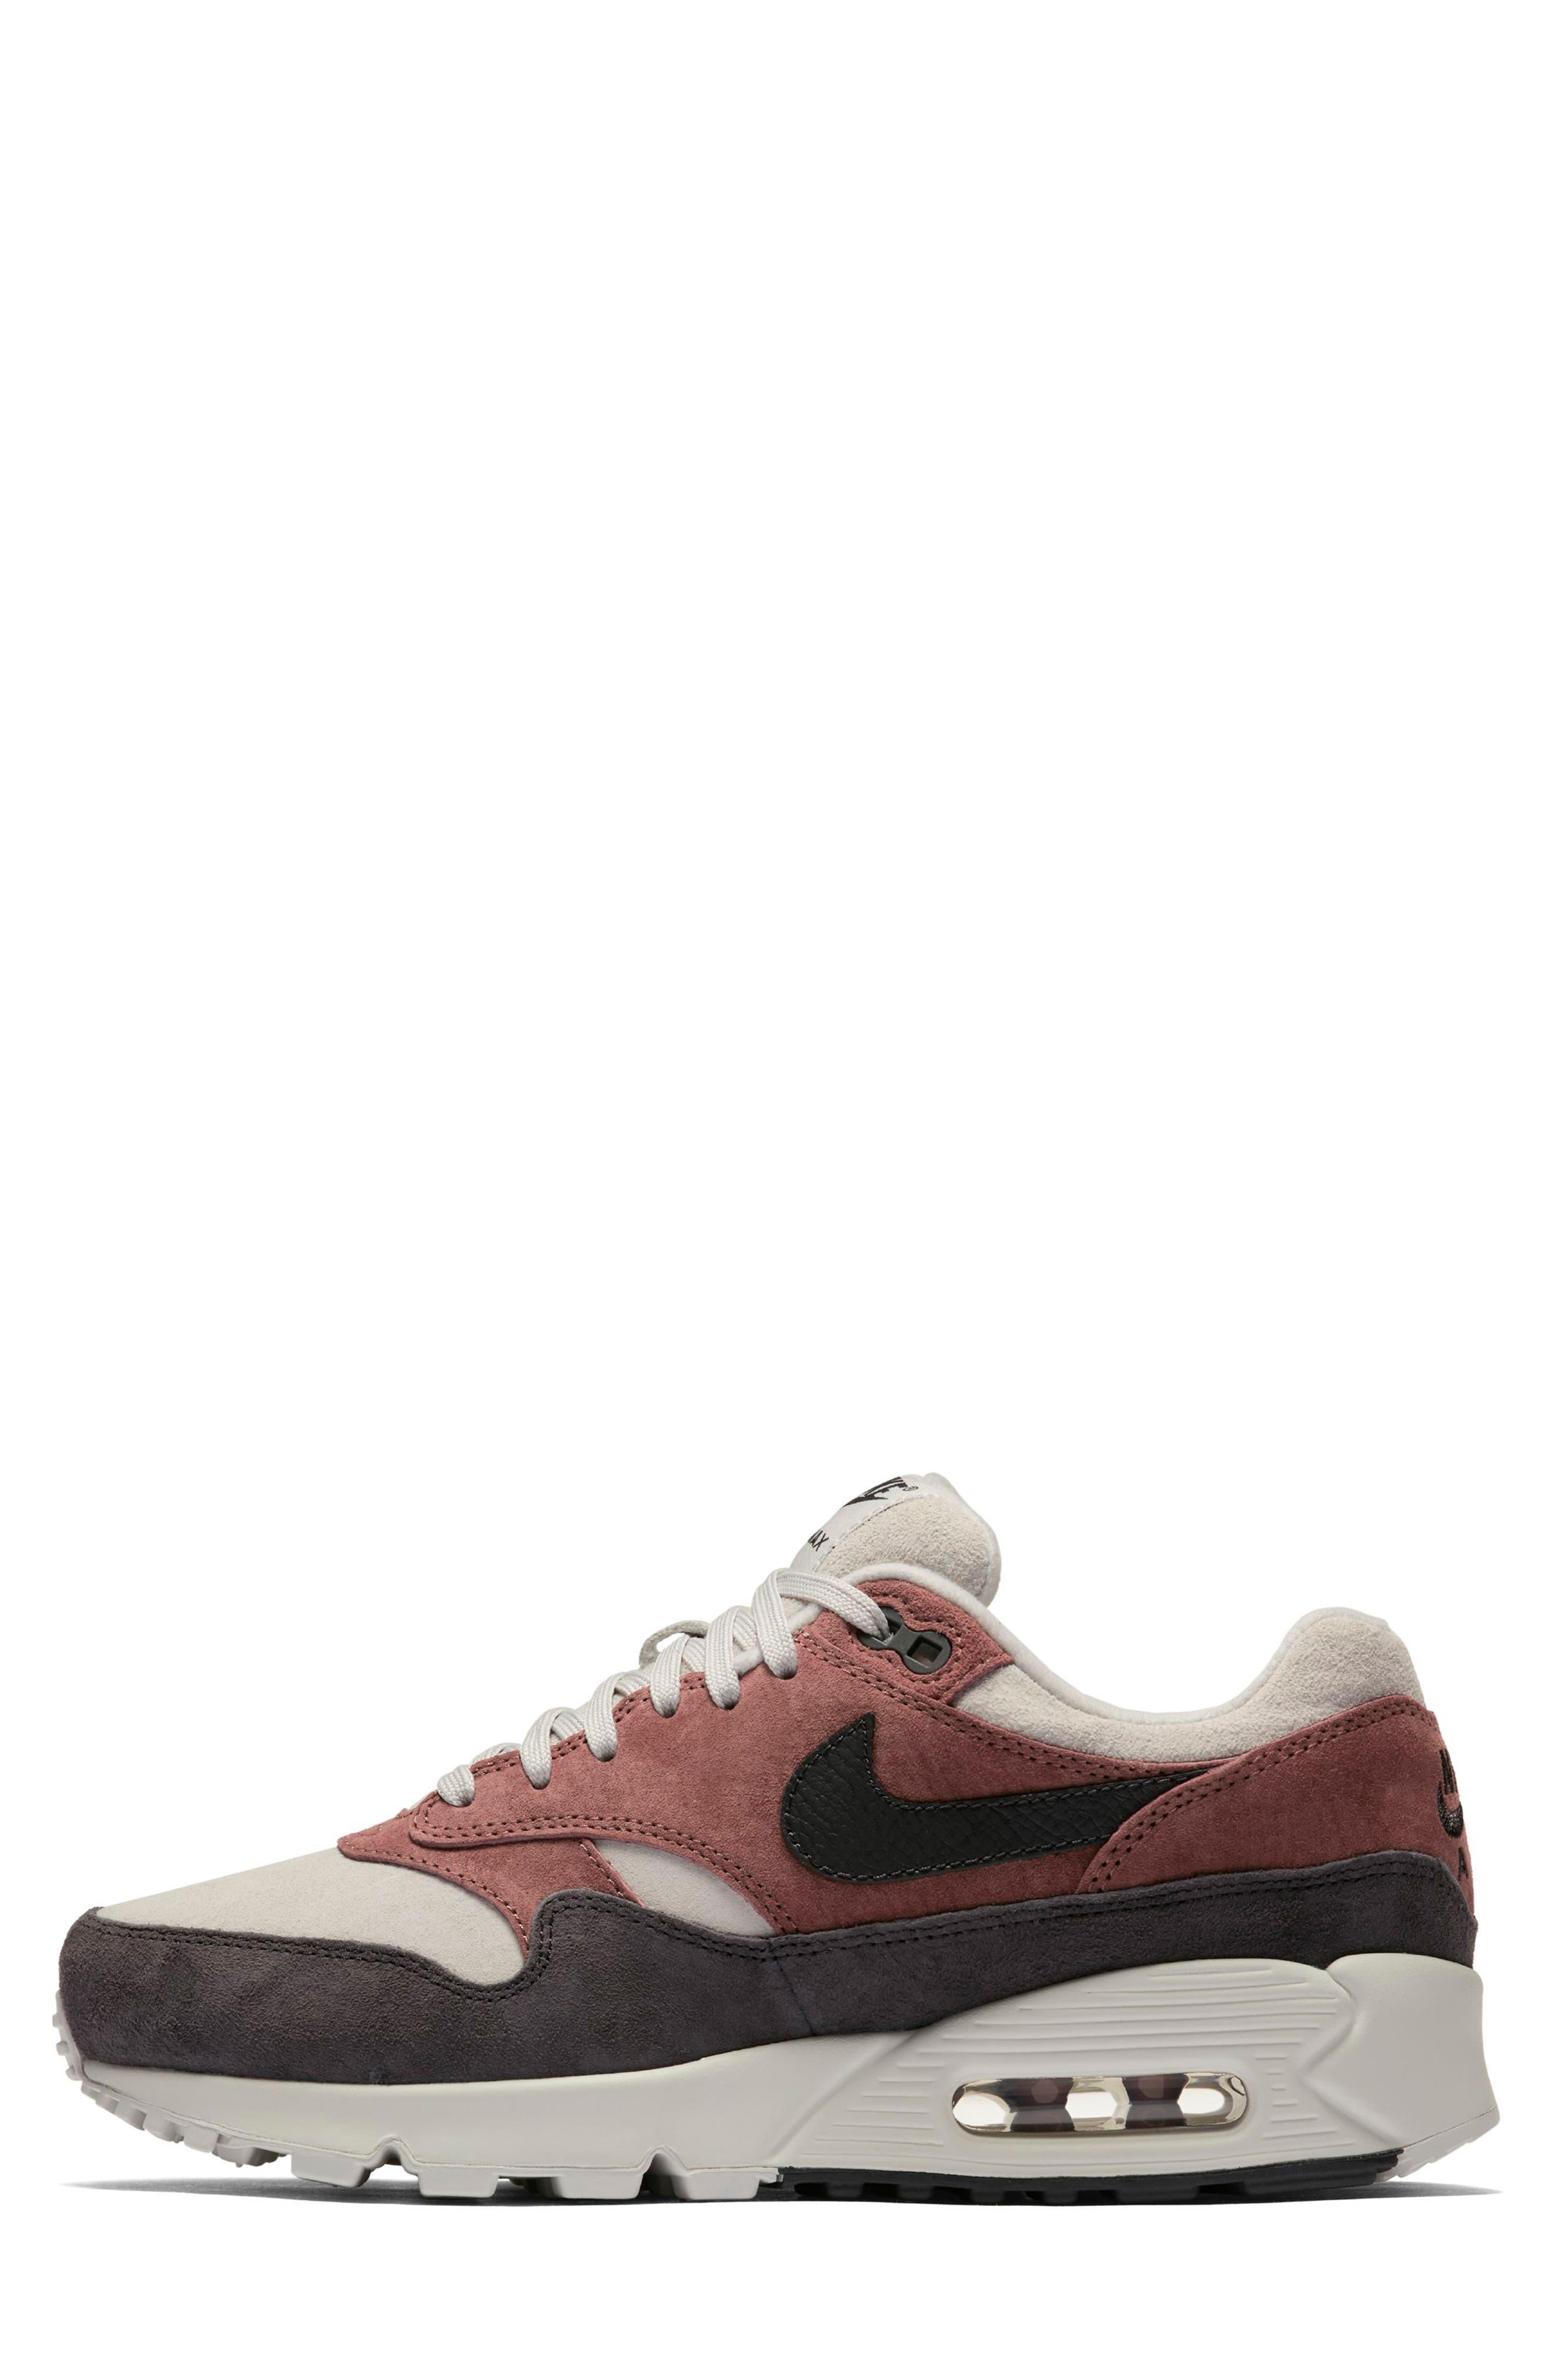 Air Max 90/1 Sneaker,                             Alternate thumbnail 3, color,                             RED SEPIA/ OIL GREY-VAST GREY